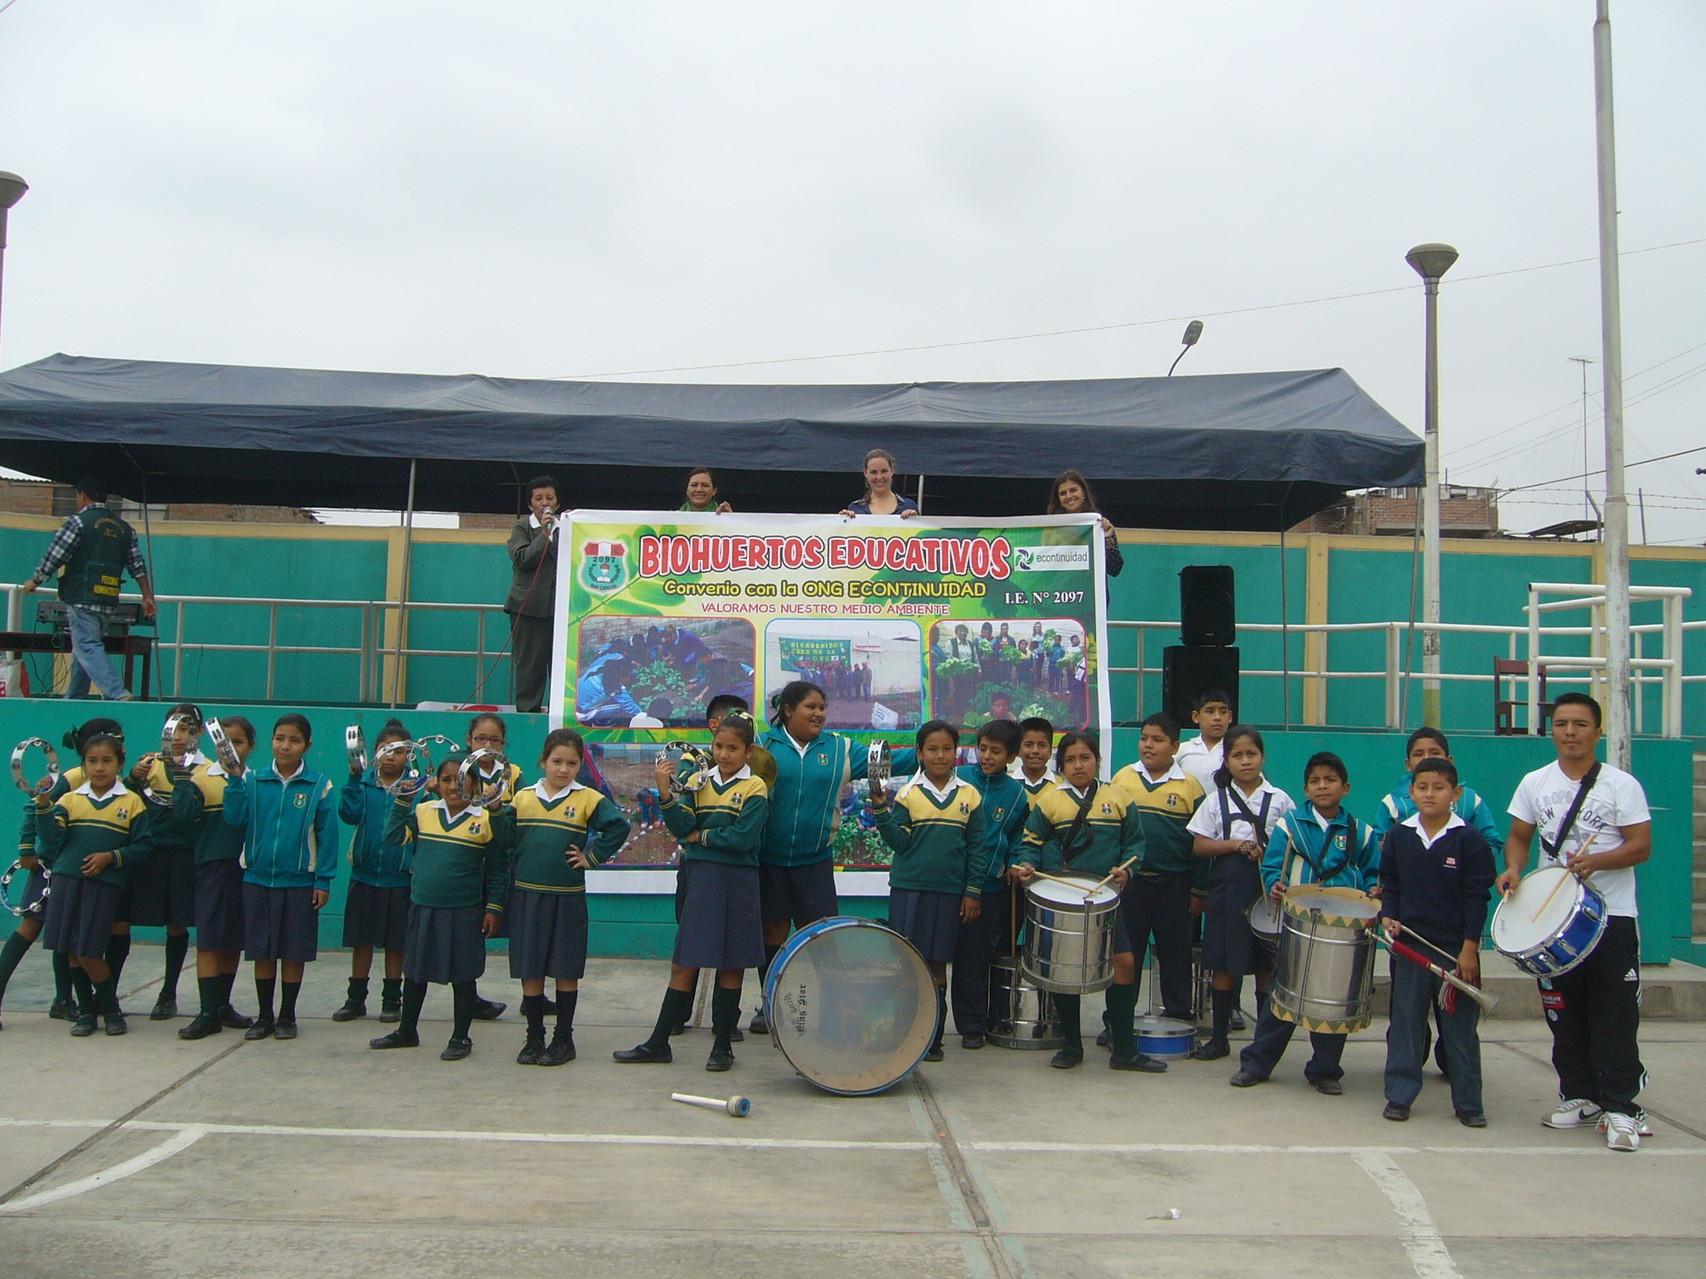 Banda de música de la institución